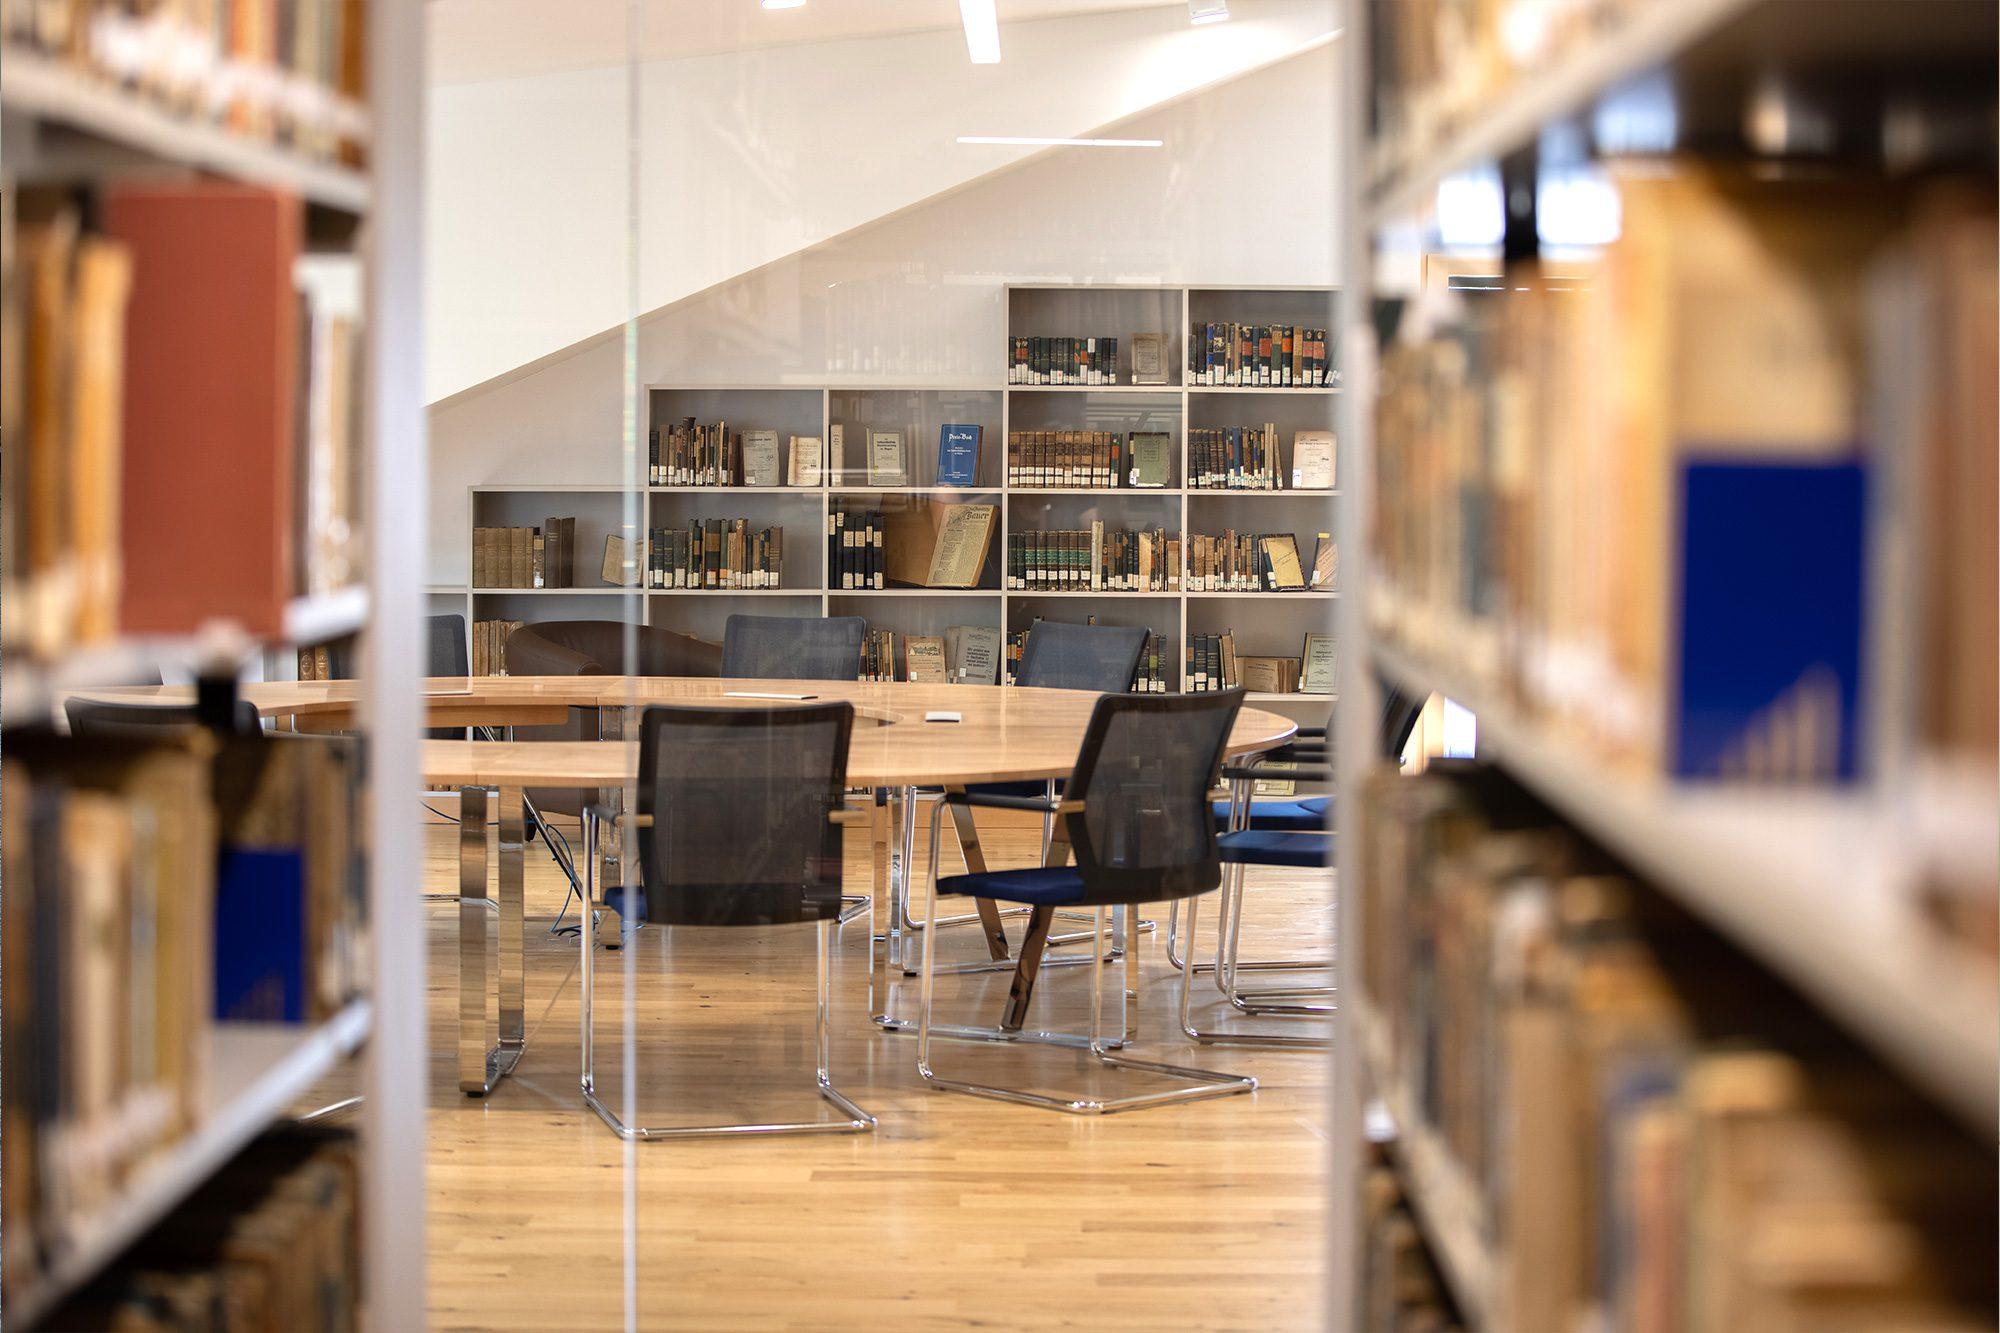 Ein Tisch mit Stühlen umgeben von Regalen gefüllt mit Büchern